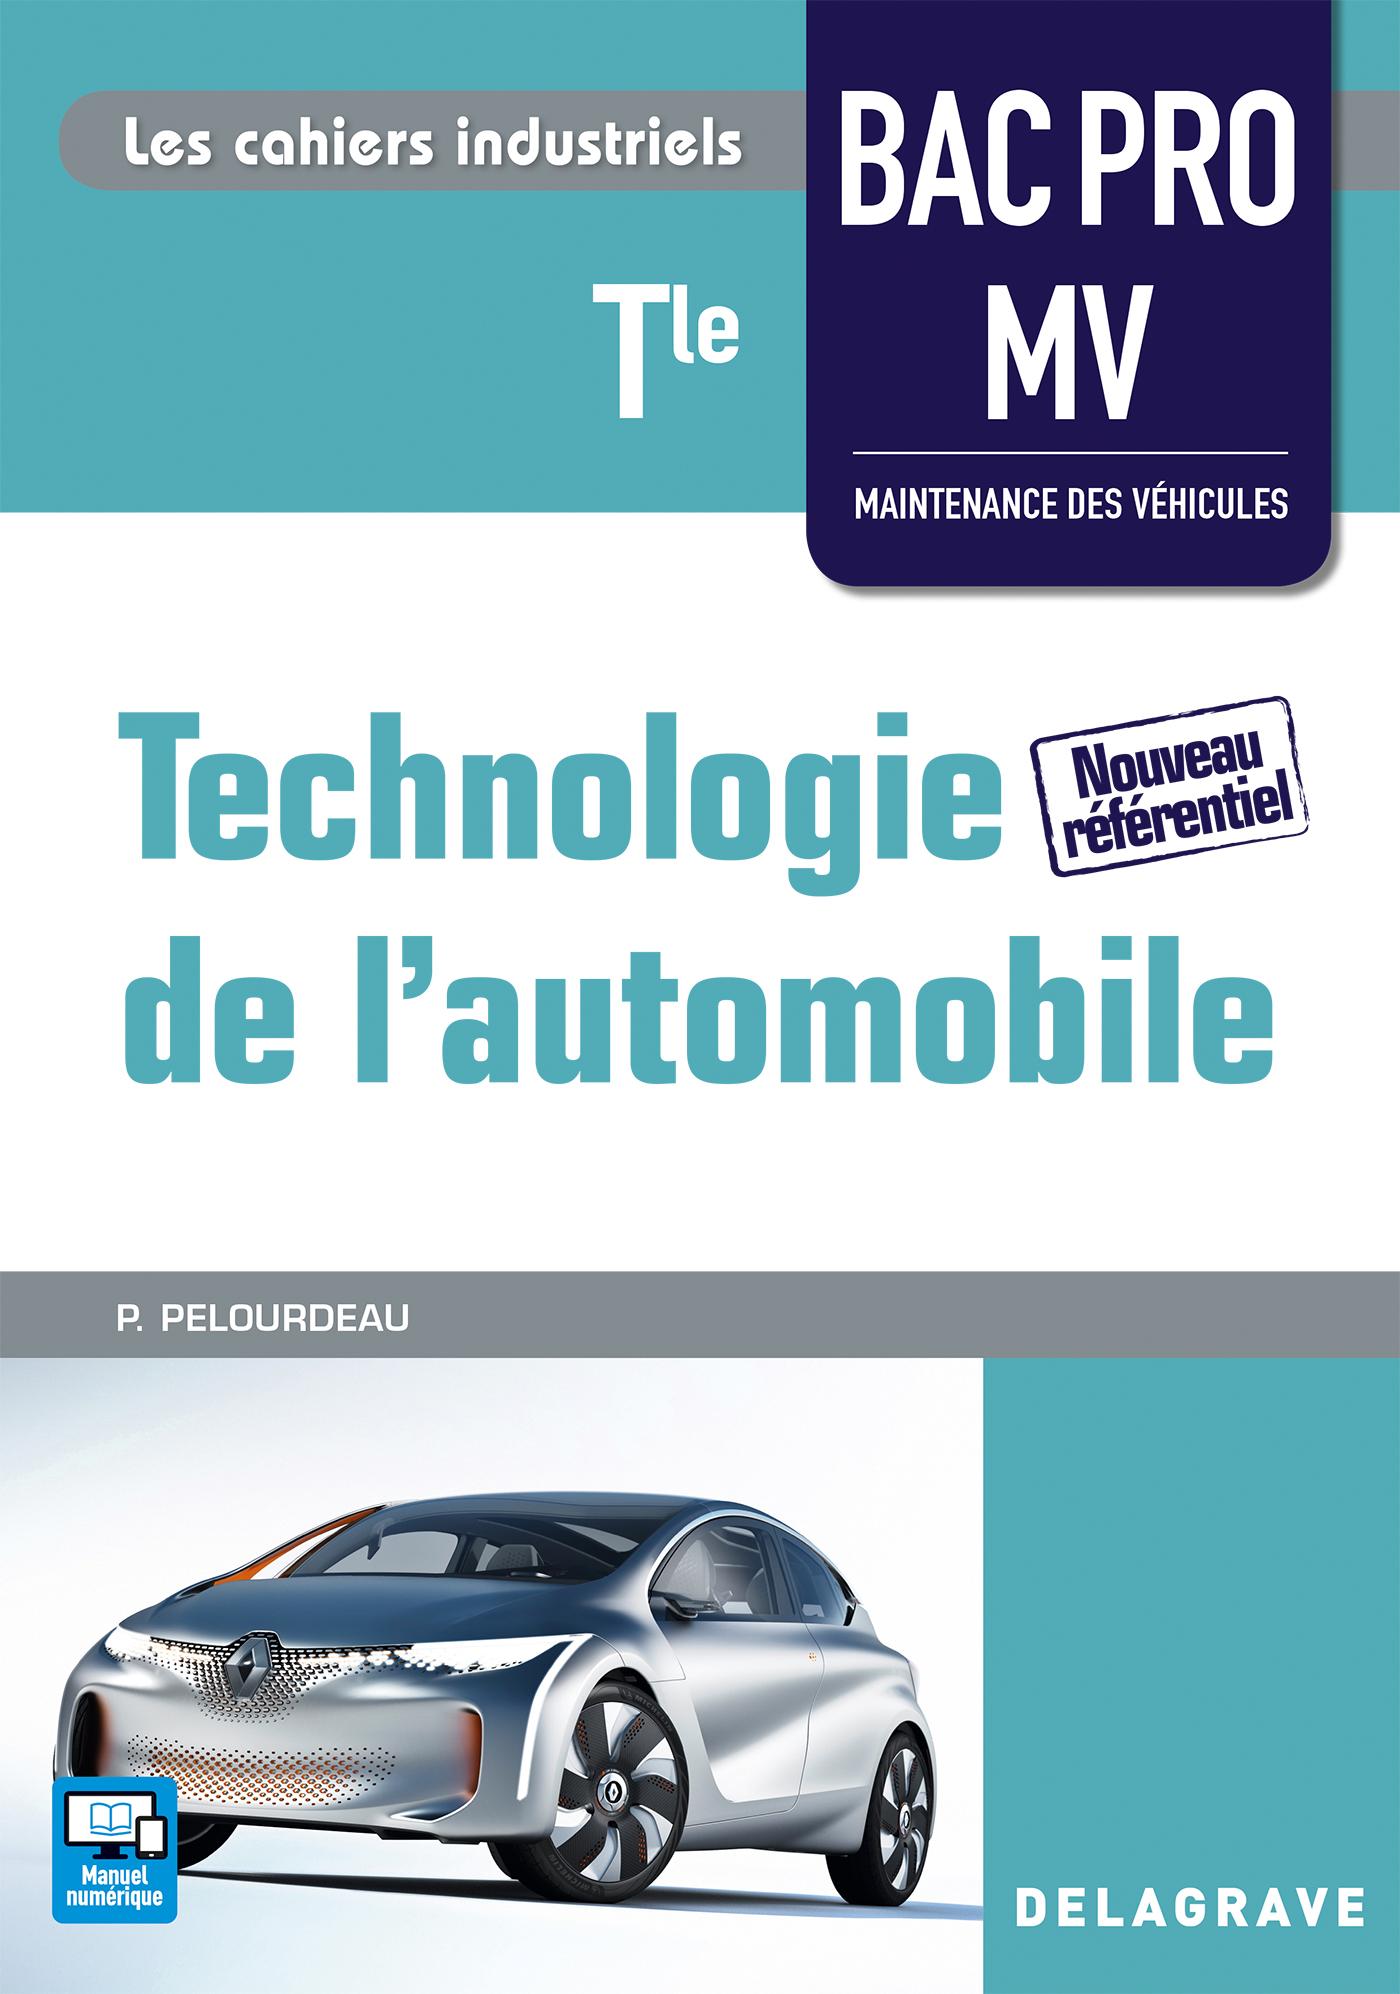 Technologie de l 39 automobile tle bac pro mv 2016 for Technologie cuisine bac pro